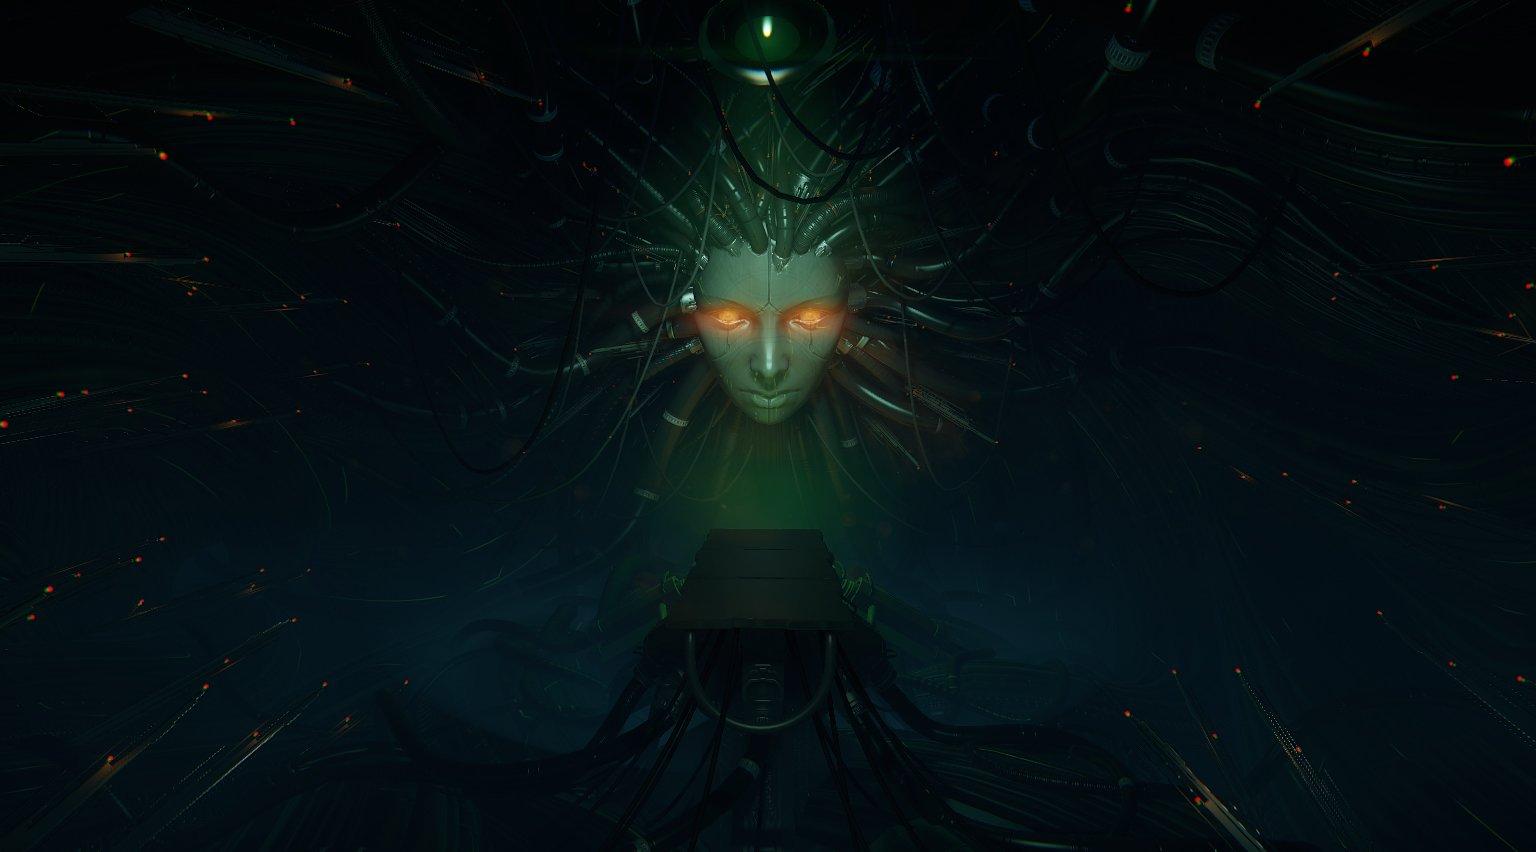 Художник воссоздает одну из лучших сцен System Shock 2 на CryEngine - Изображение 1